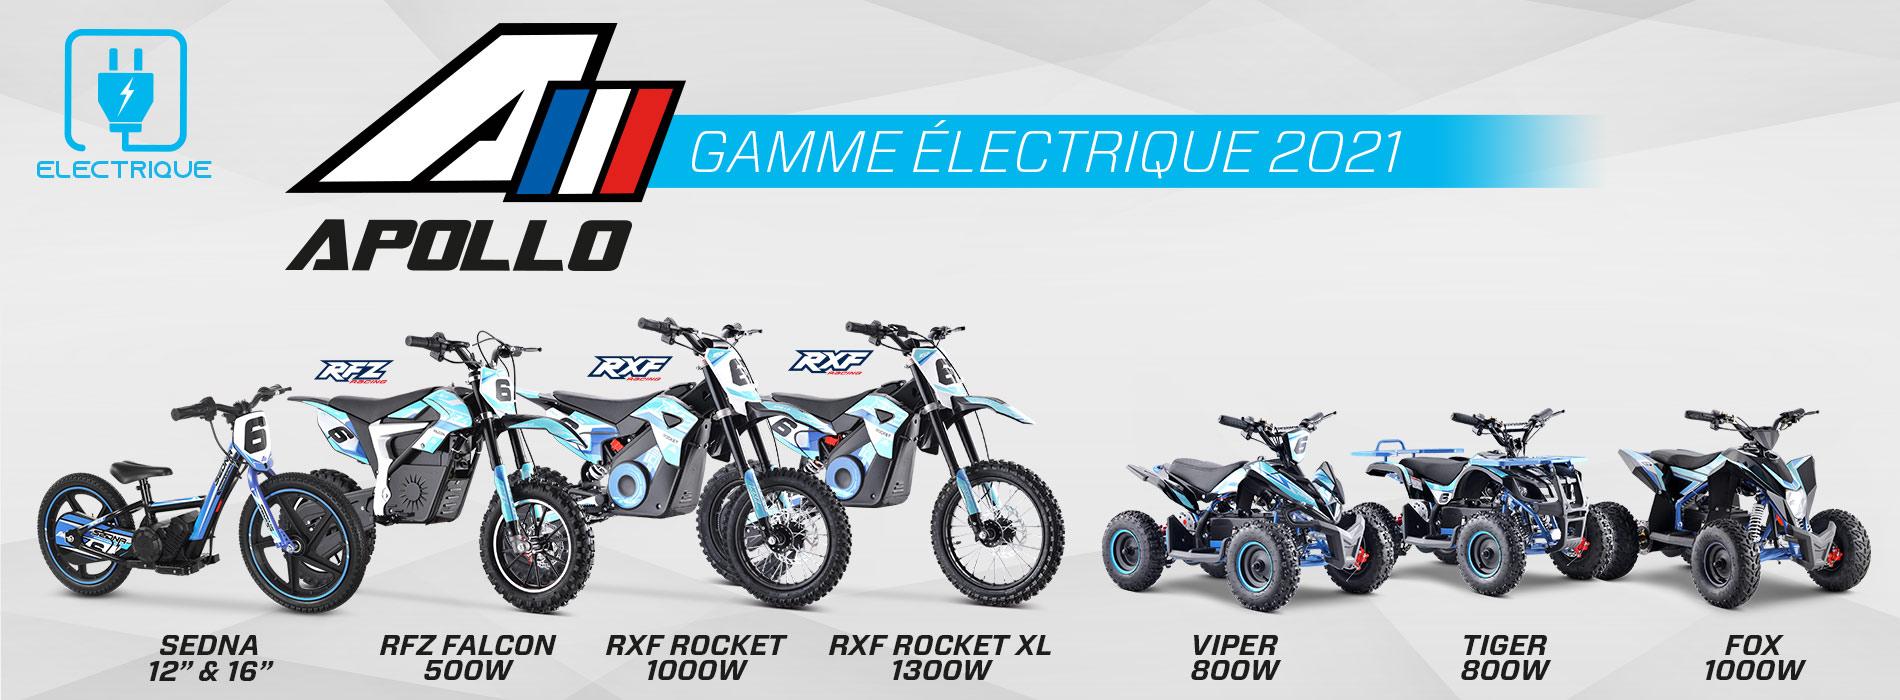 gamme electrique 2021